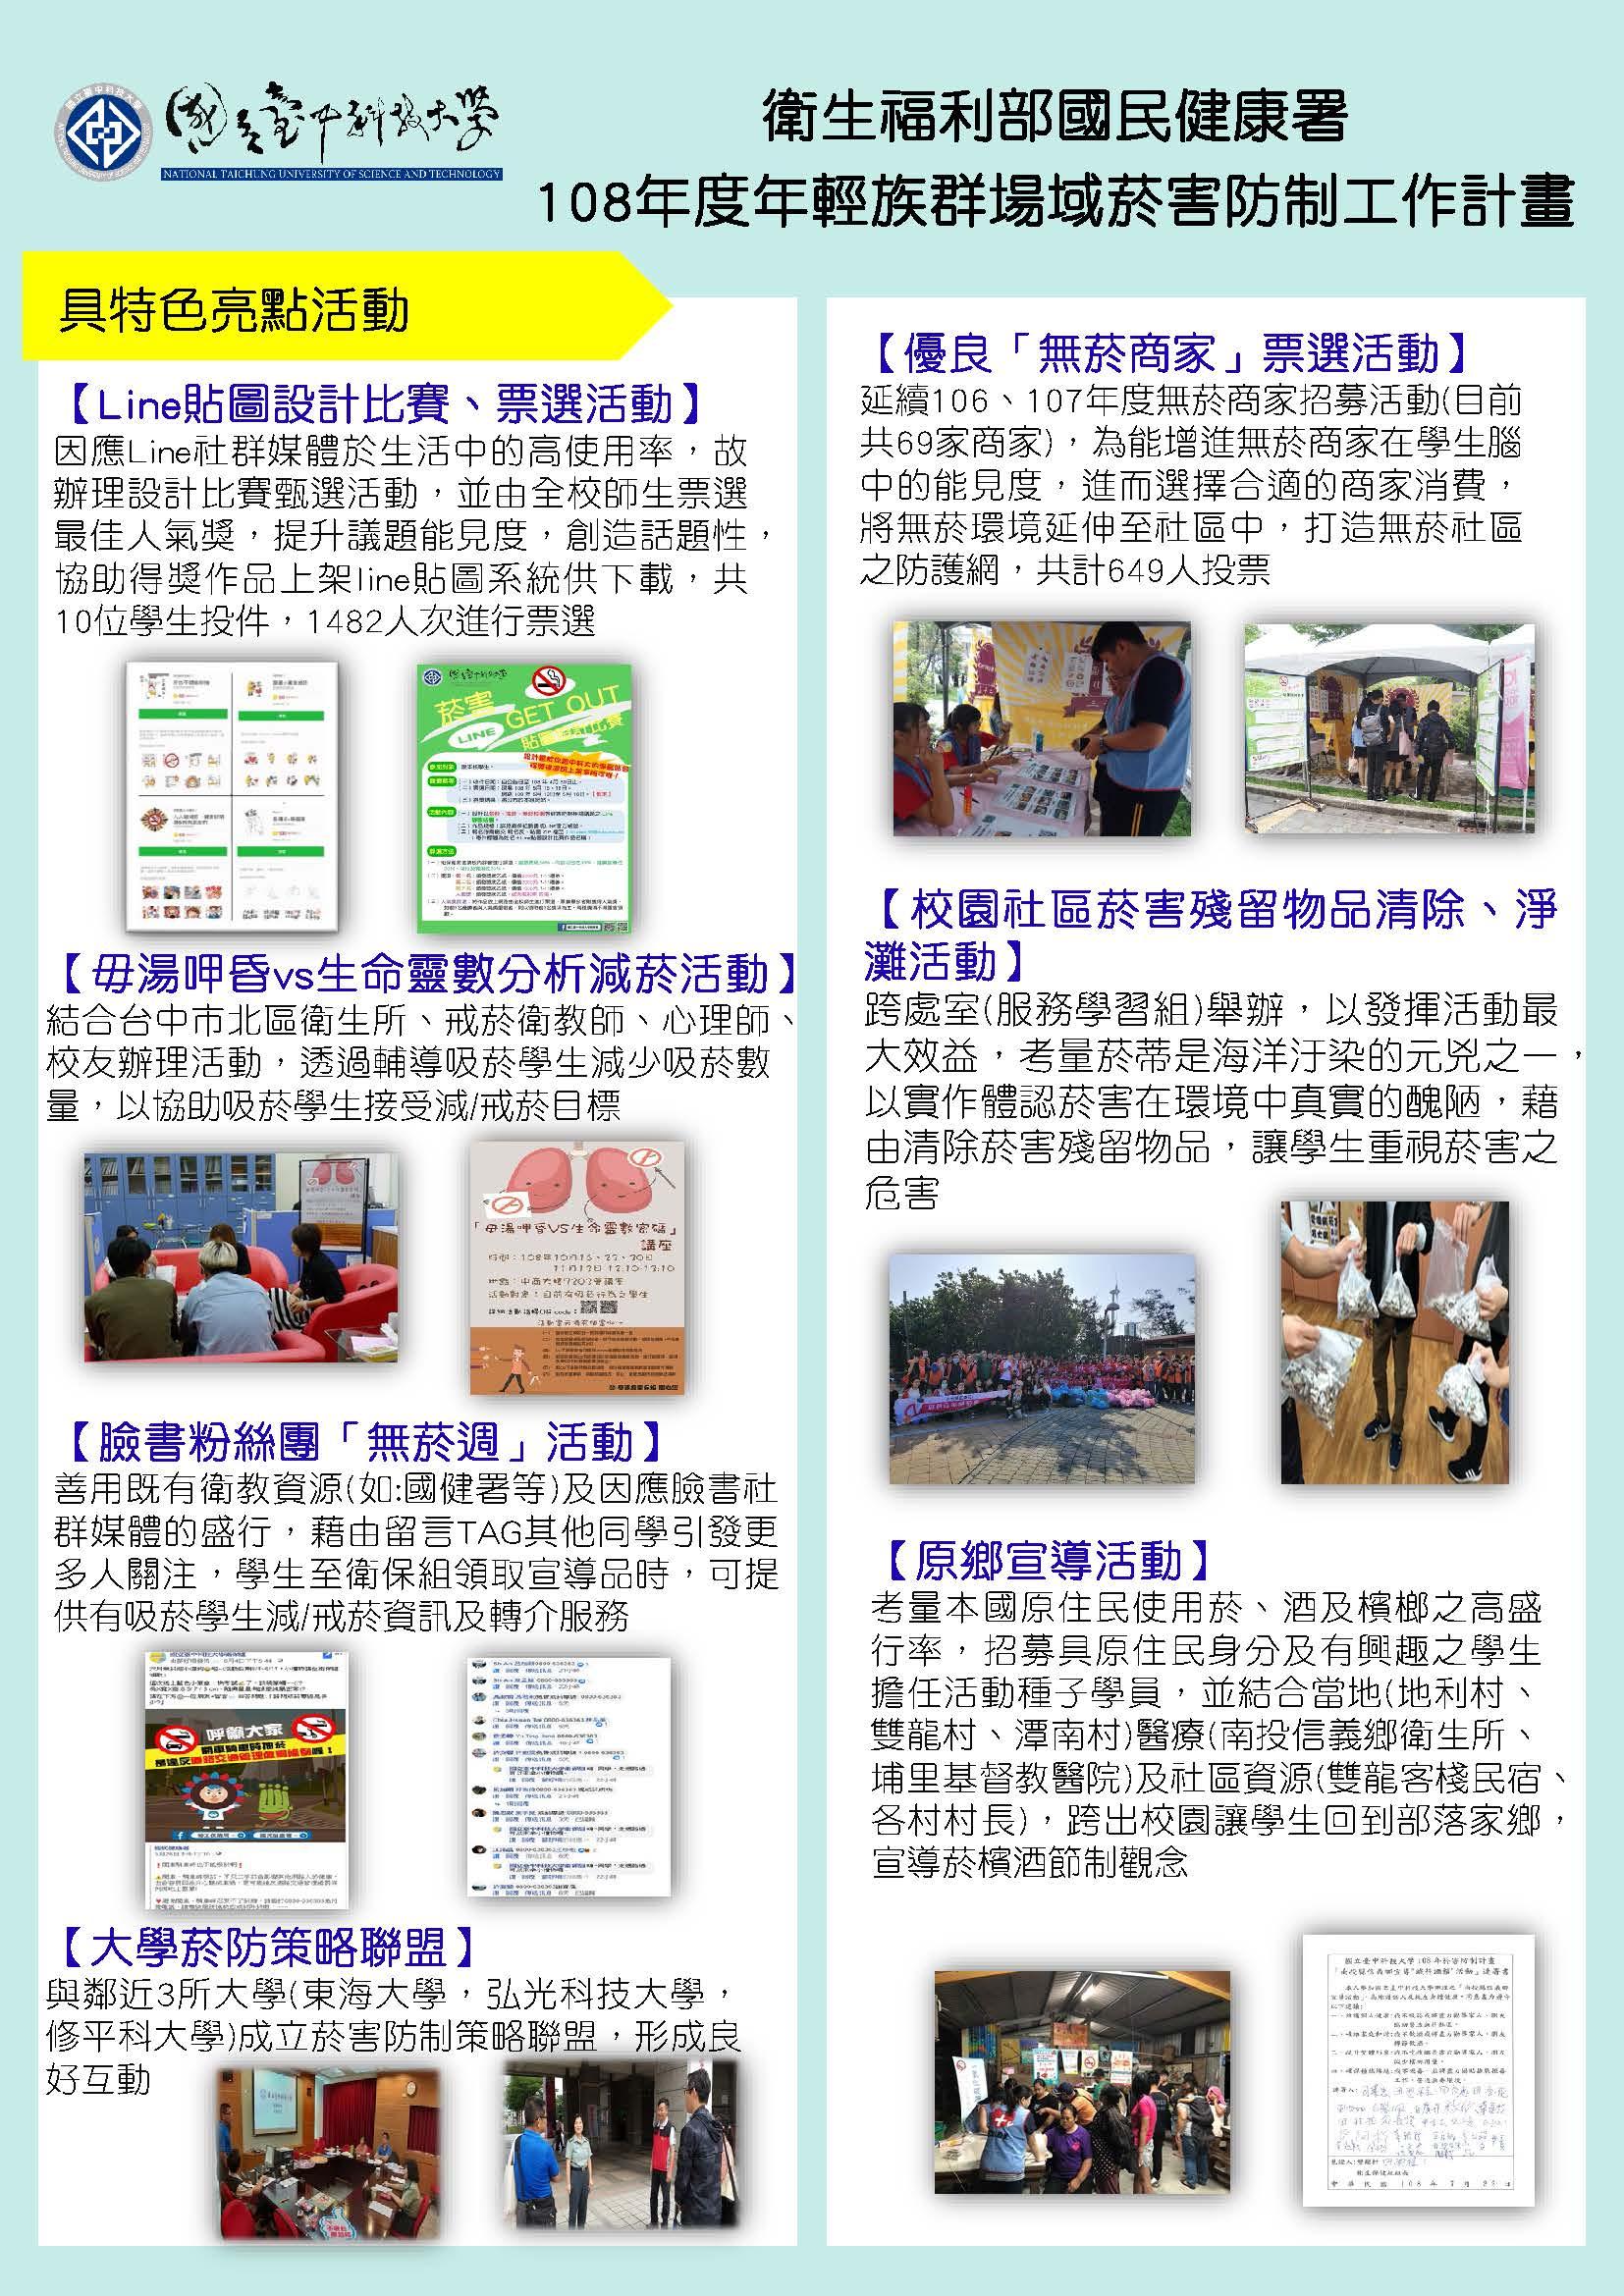 圖片-108年度國立臺中科技大學